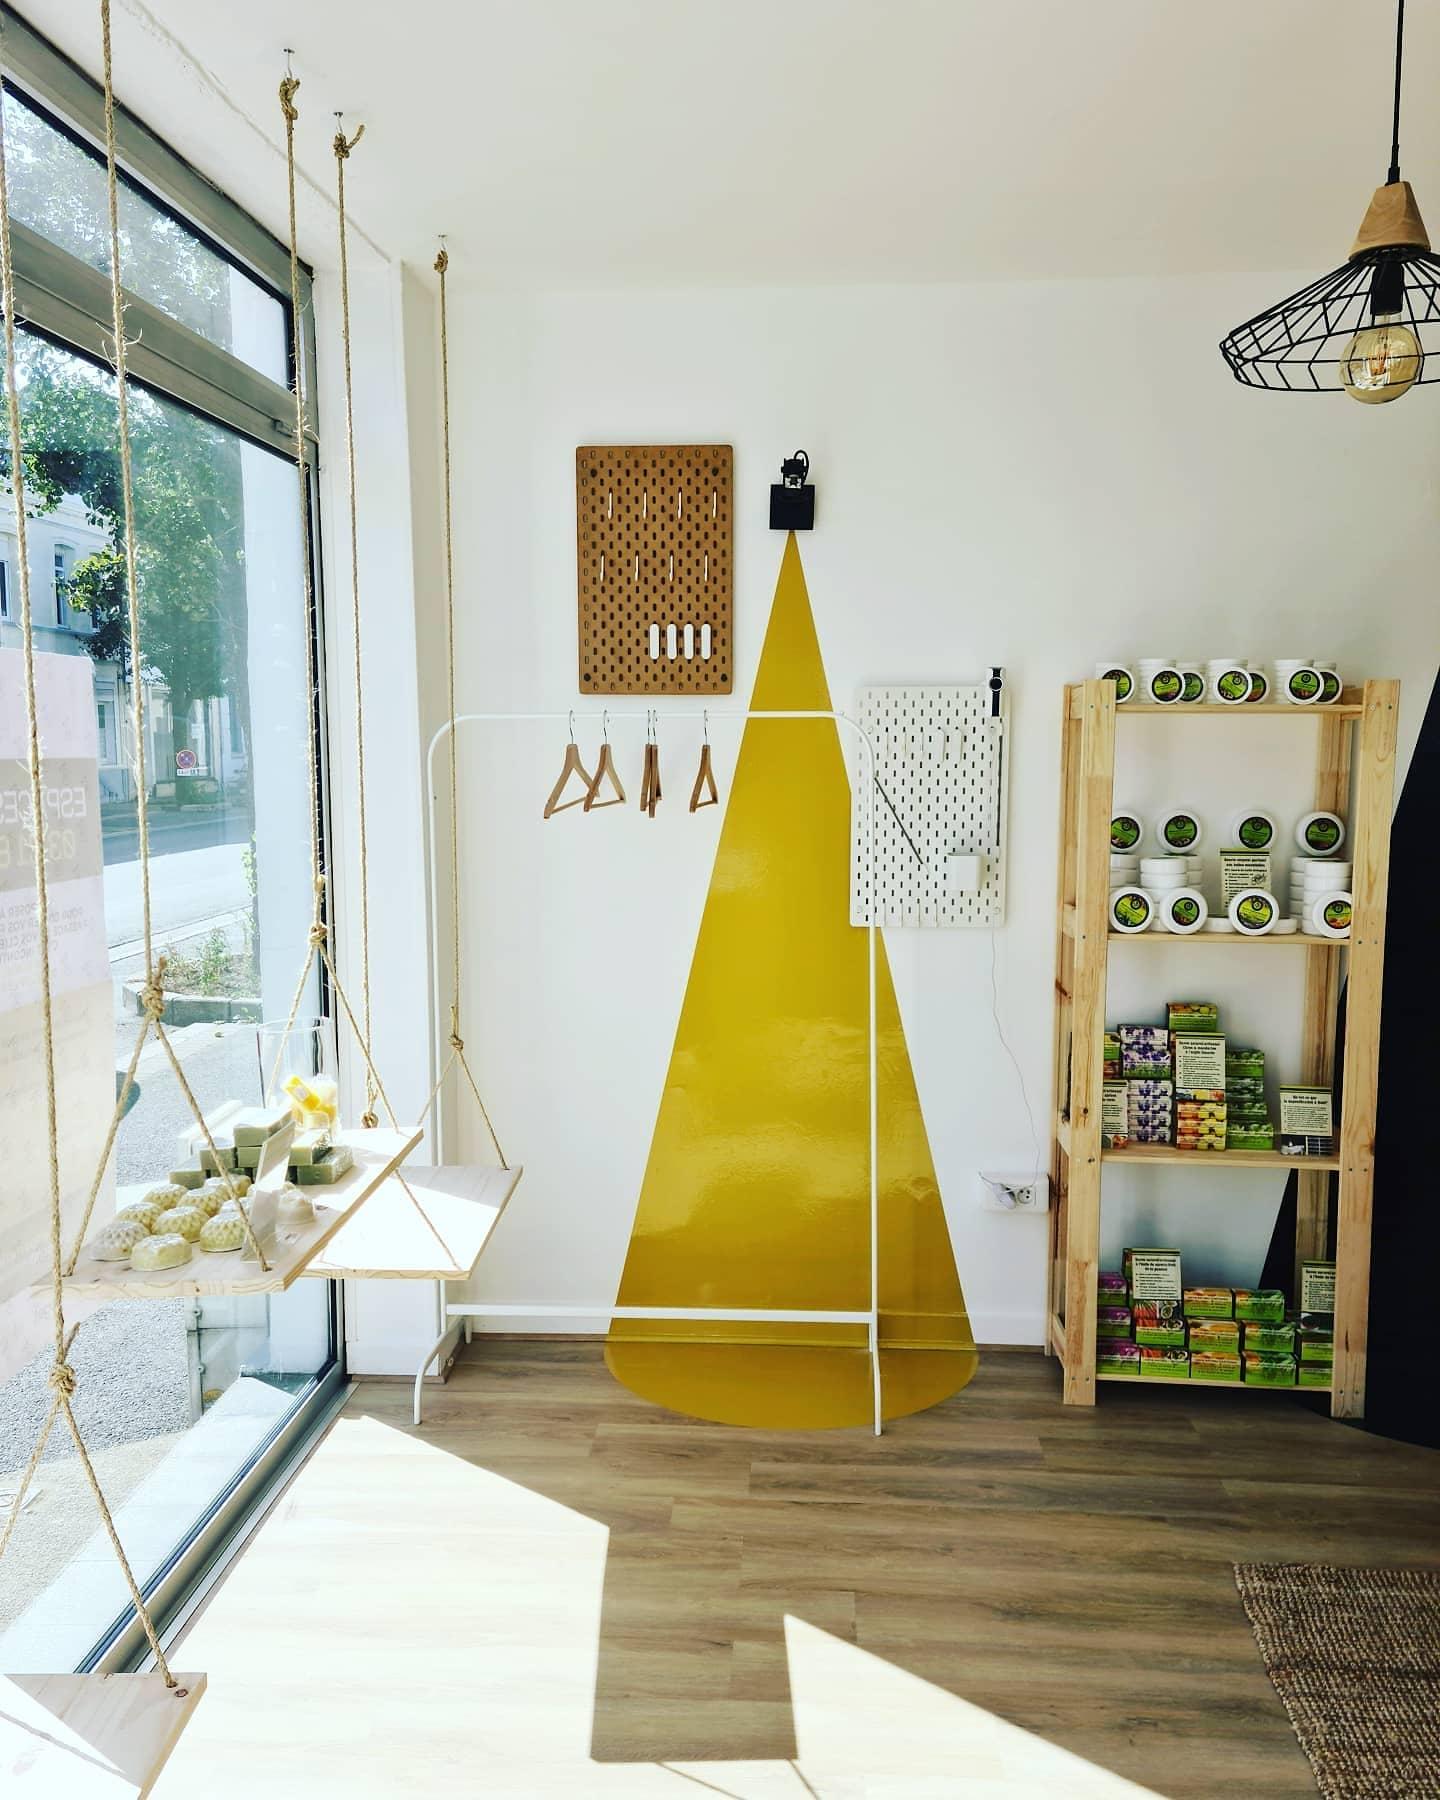 La Maison - Boutique partagée - Béthune - Initiative Artois